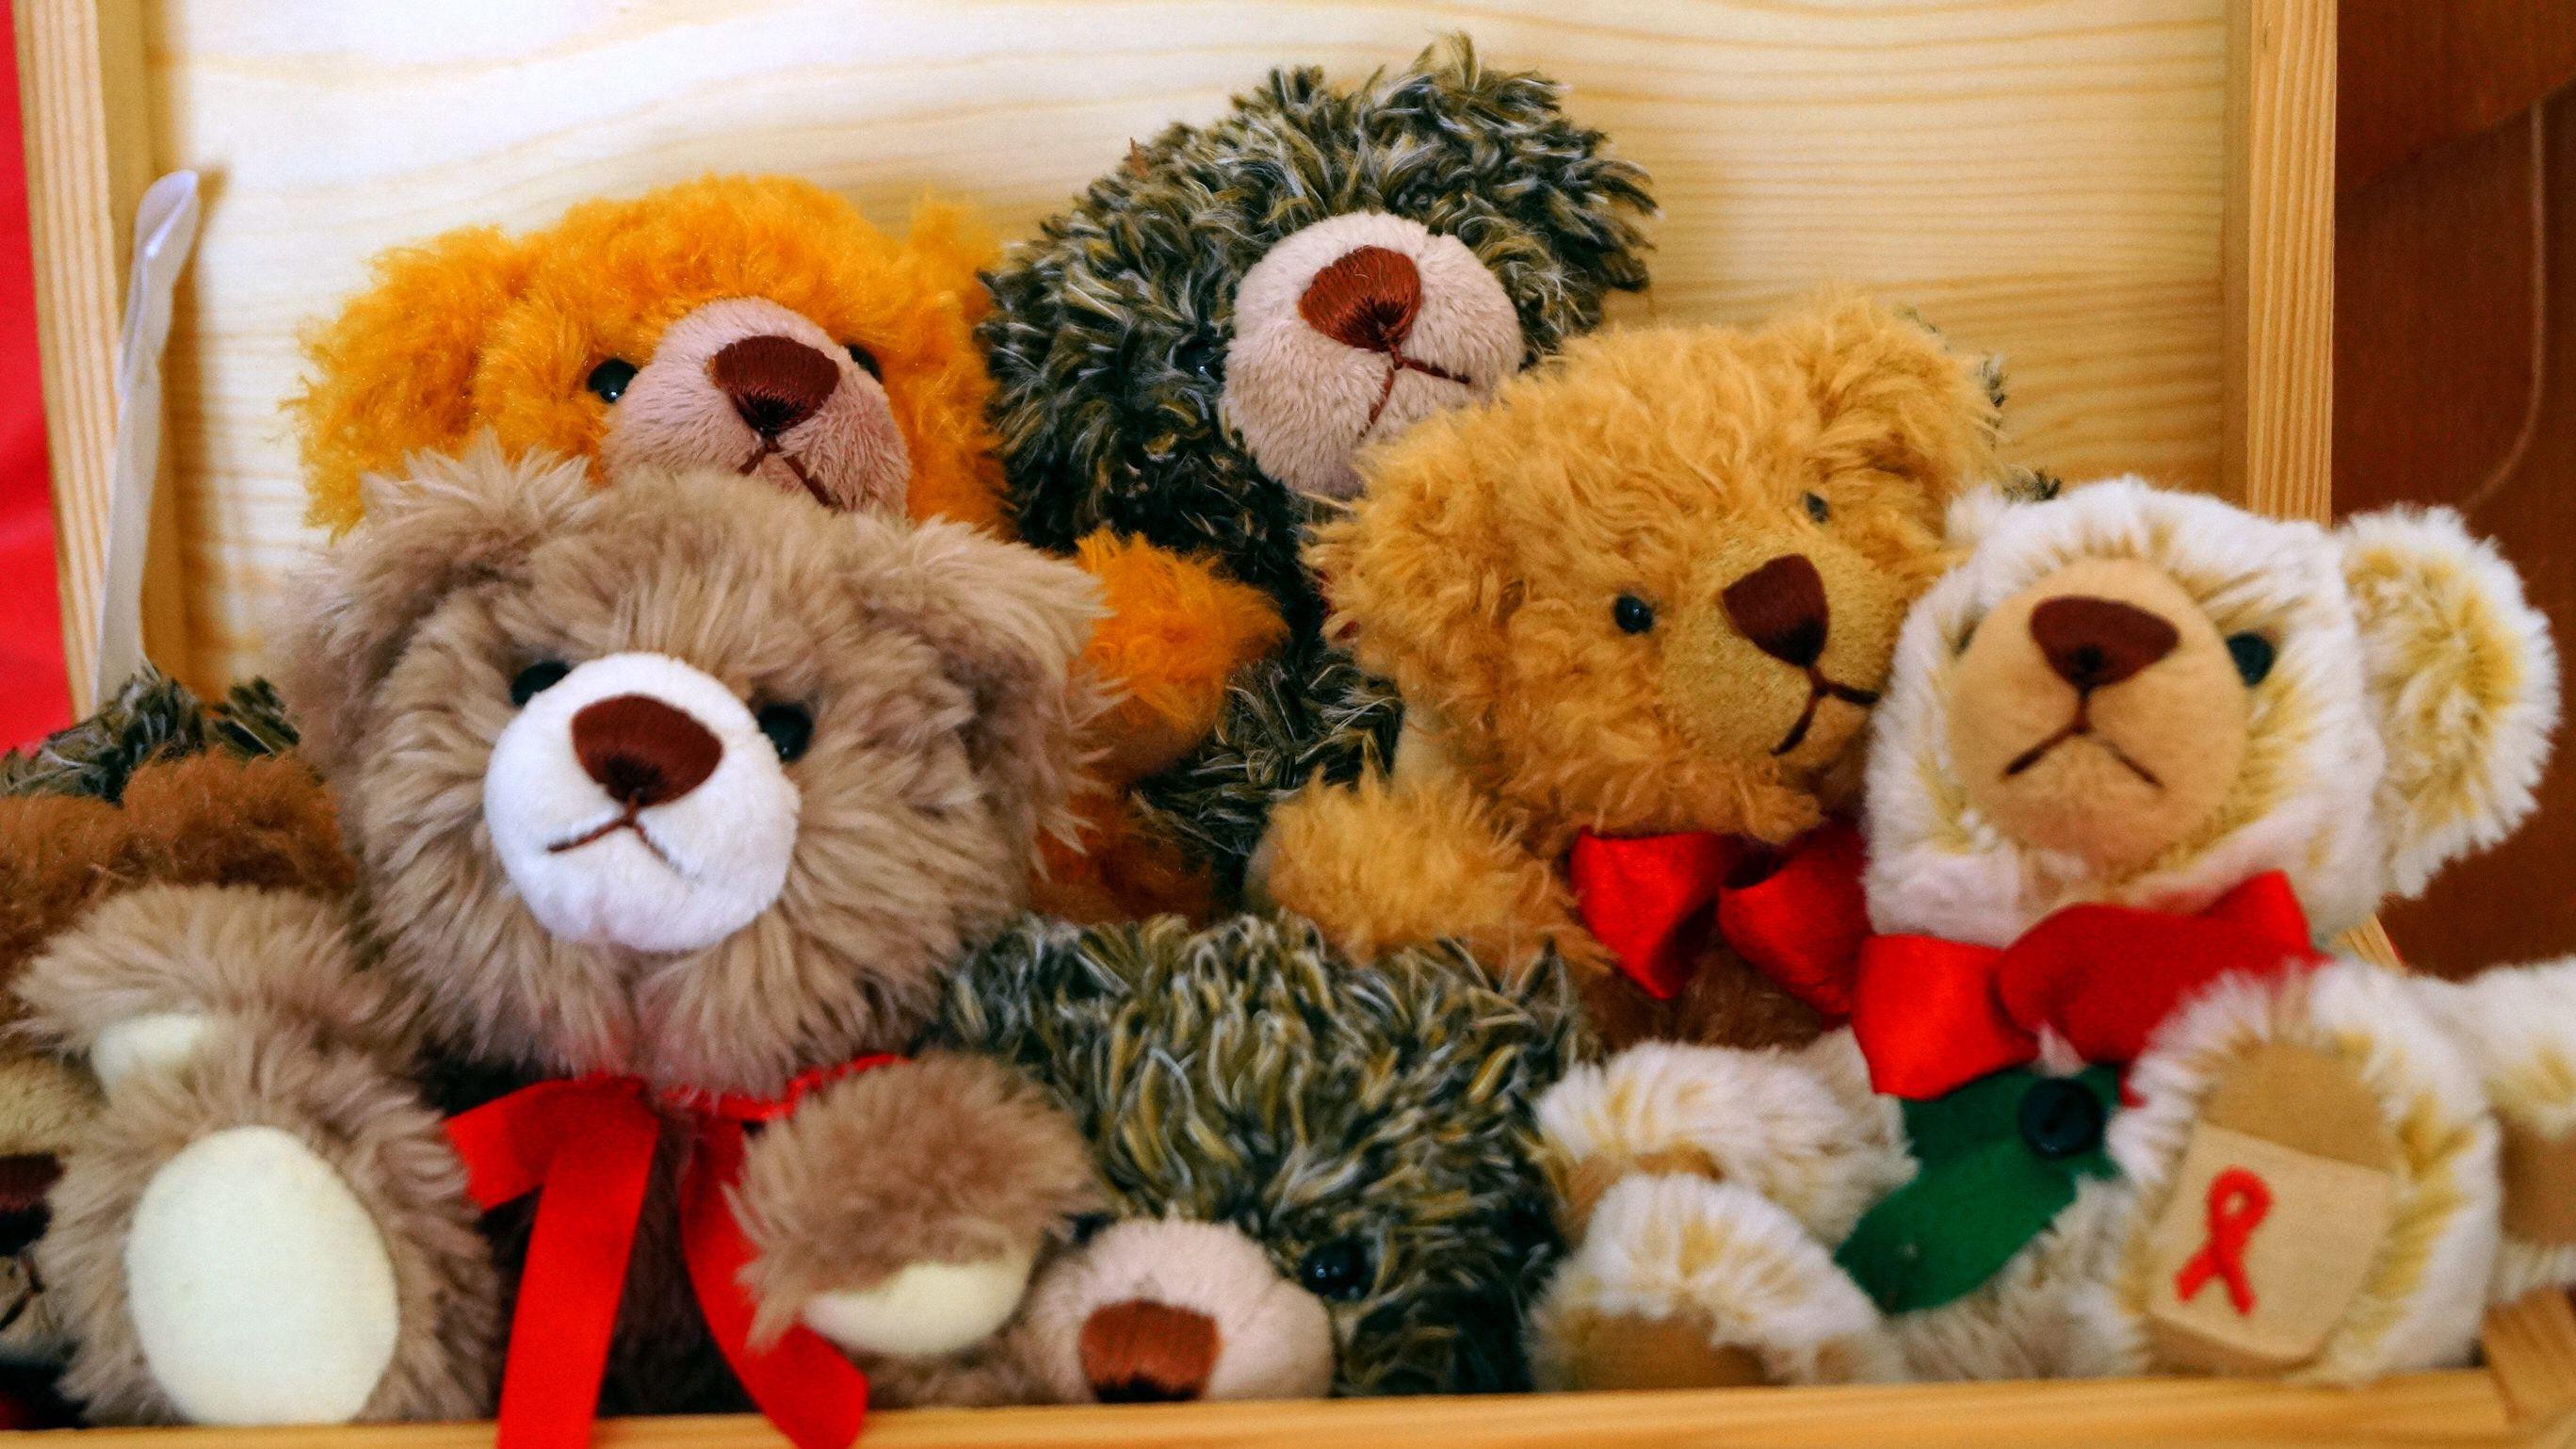 Teddy-Bären mit roter HIV-Schleife helfen, Spenden für Menschen mit HIV zu sammeln